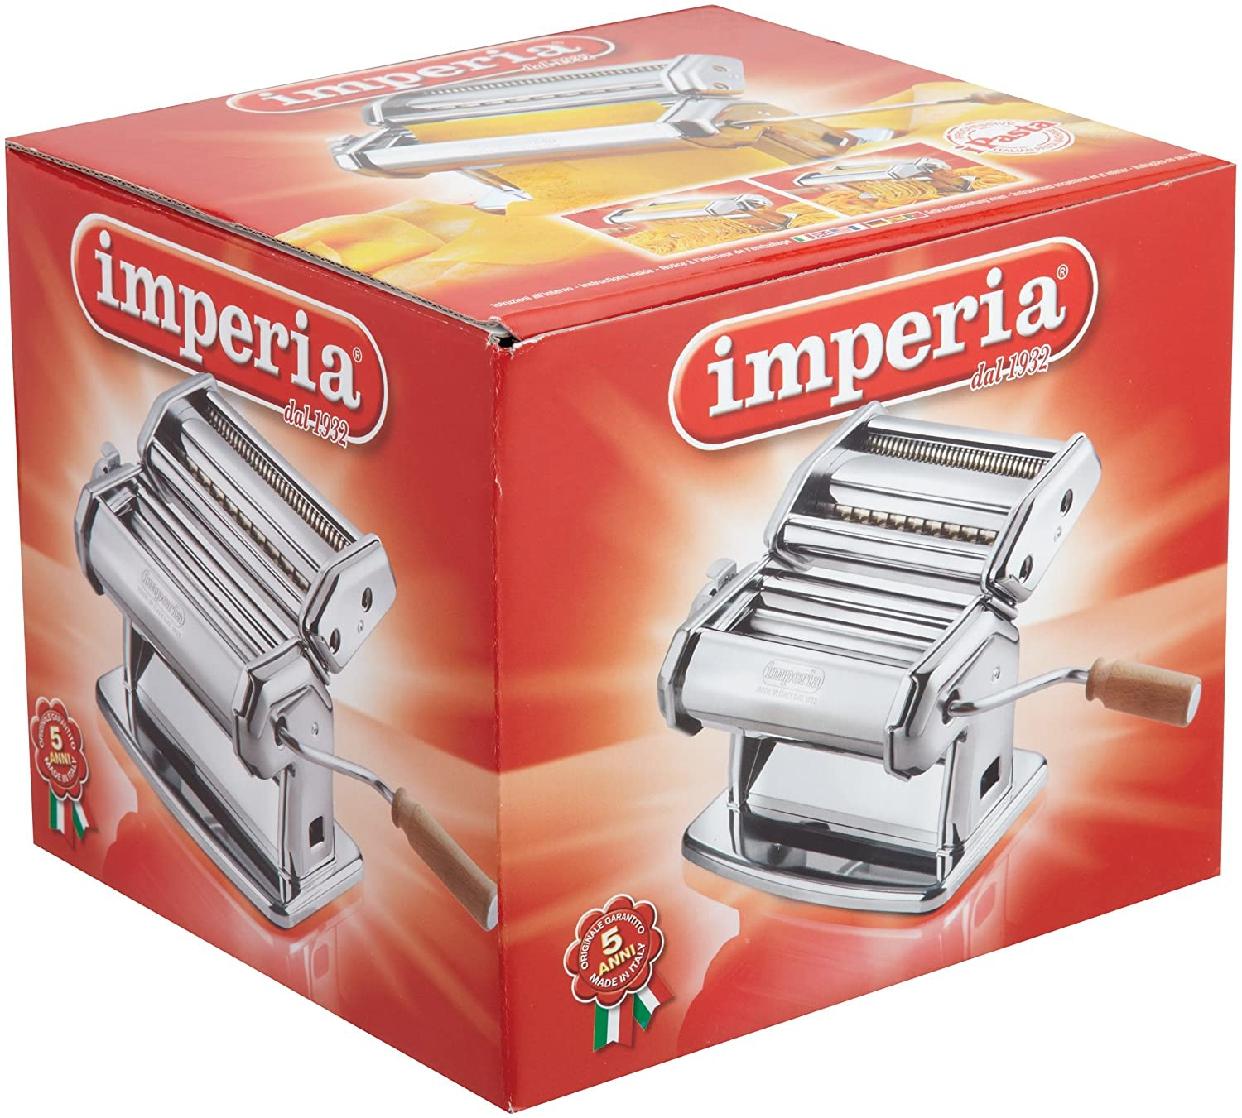 imperia(インペリア) パスタマシーンSP-150の商品画像6